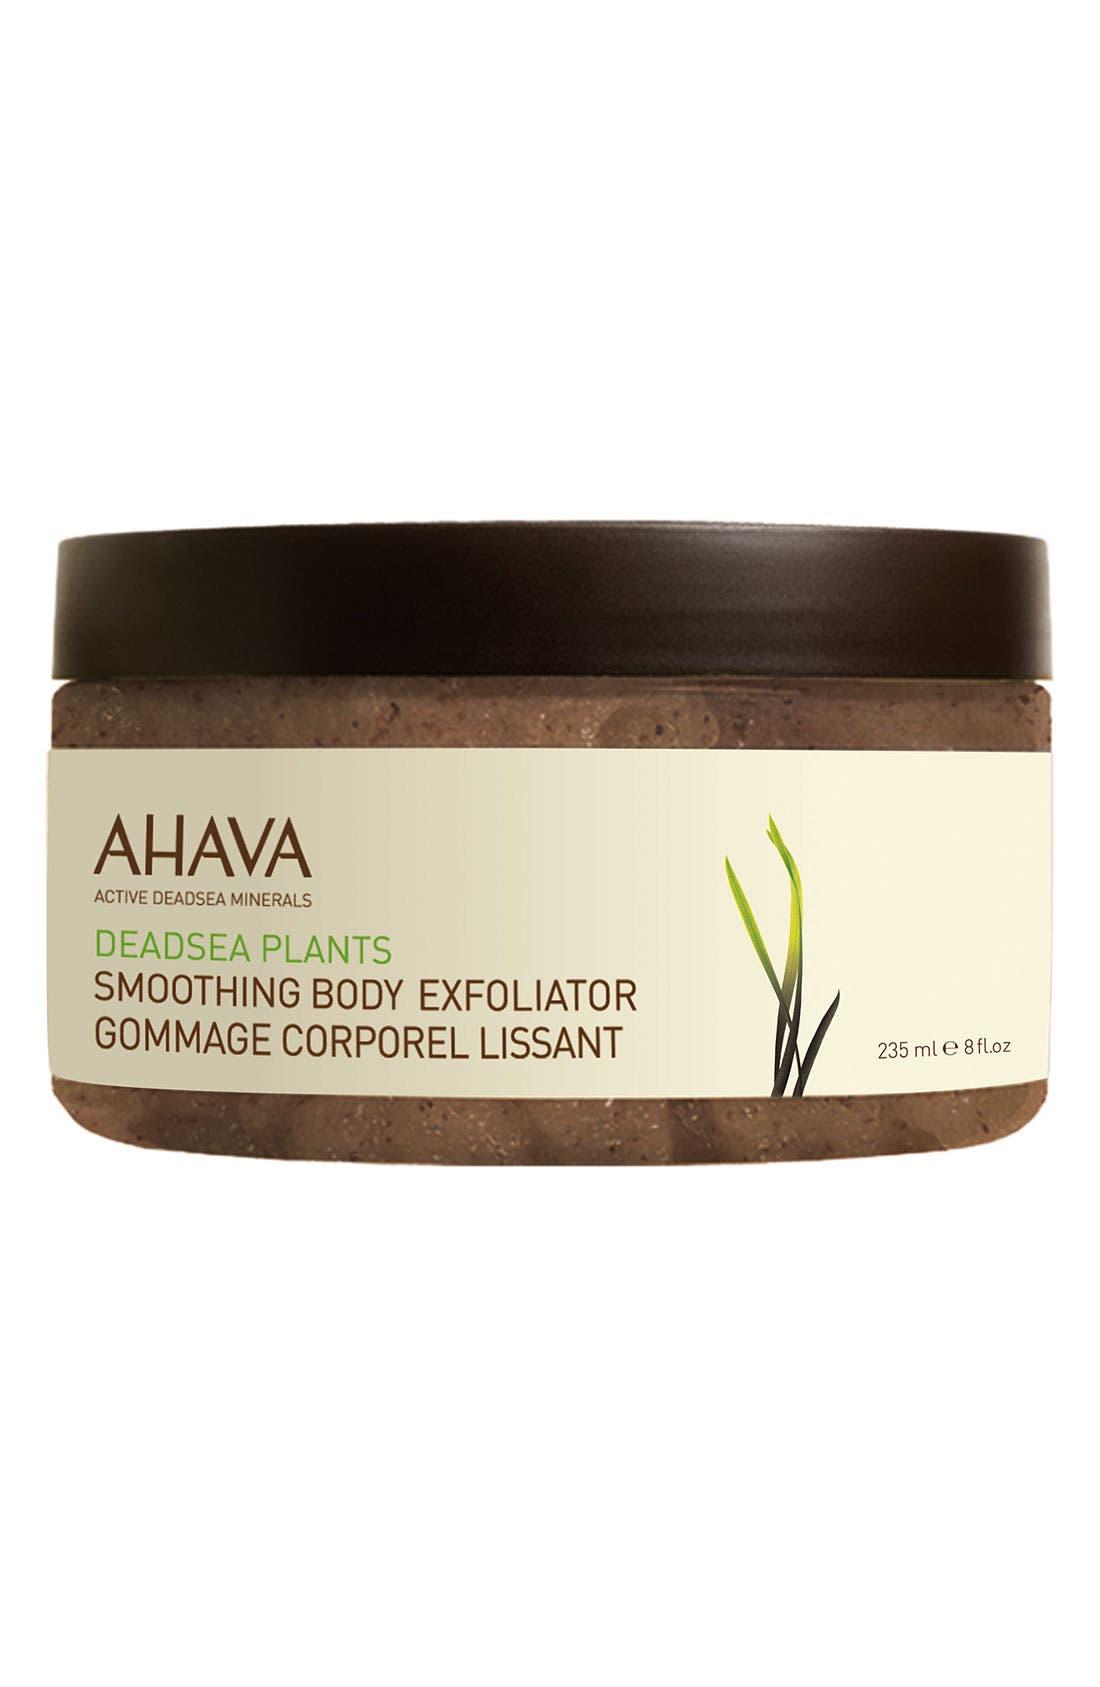 AHAVA 'DeadSea Plants' Smoothing Body Exfoliator